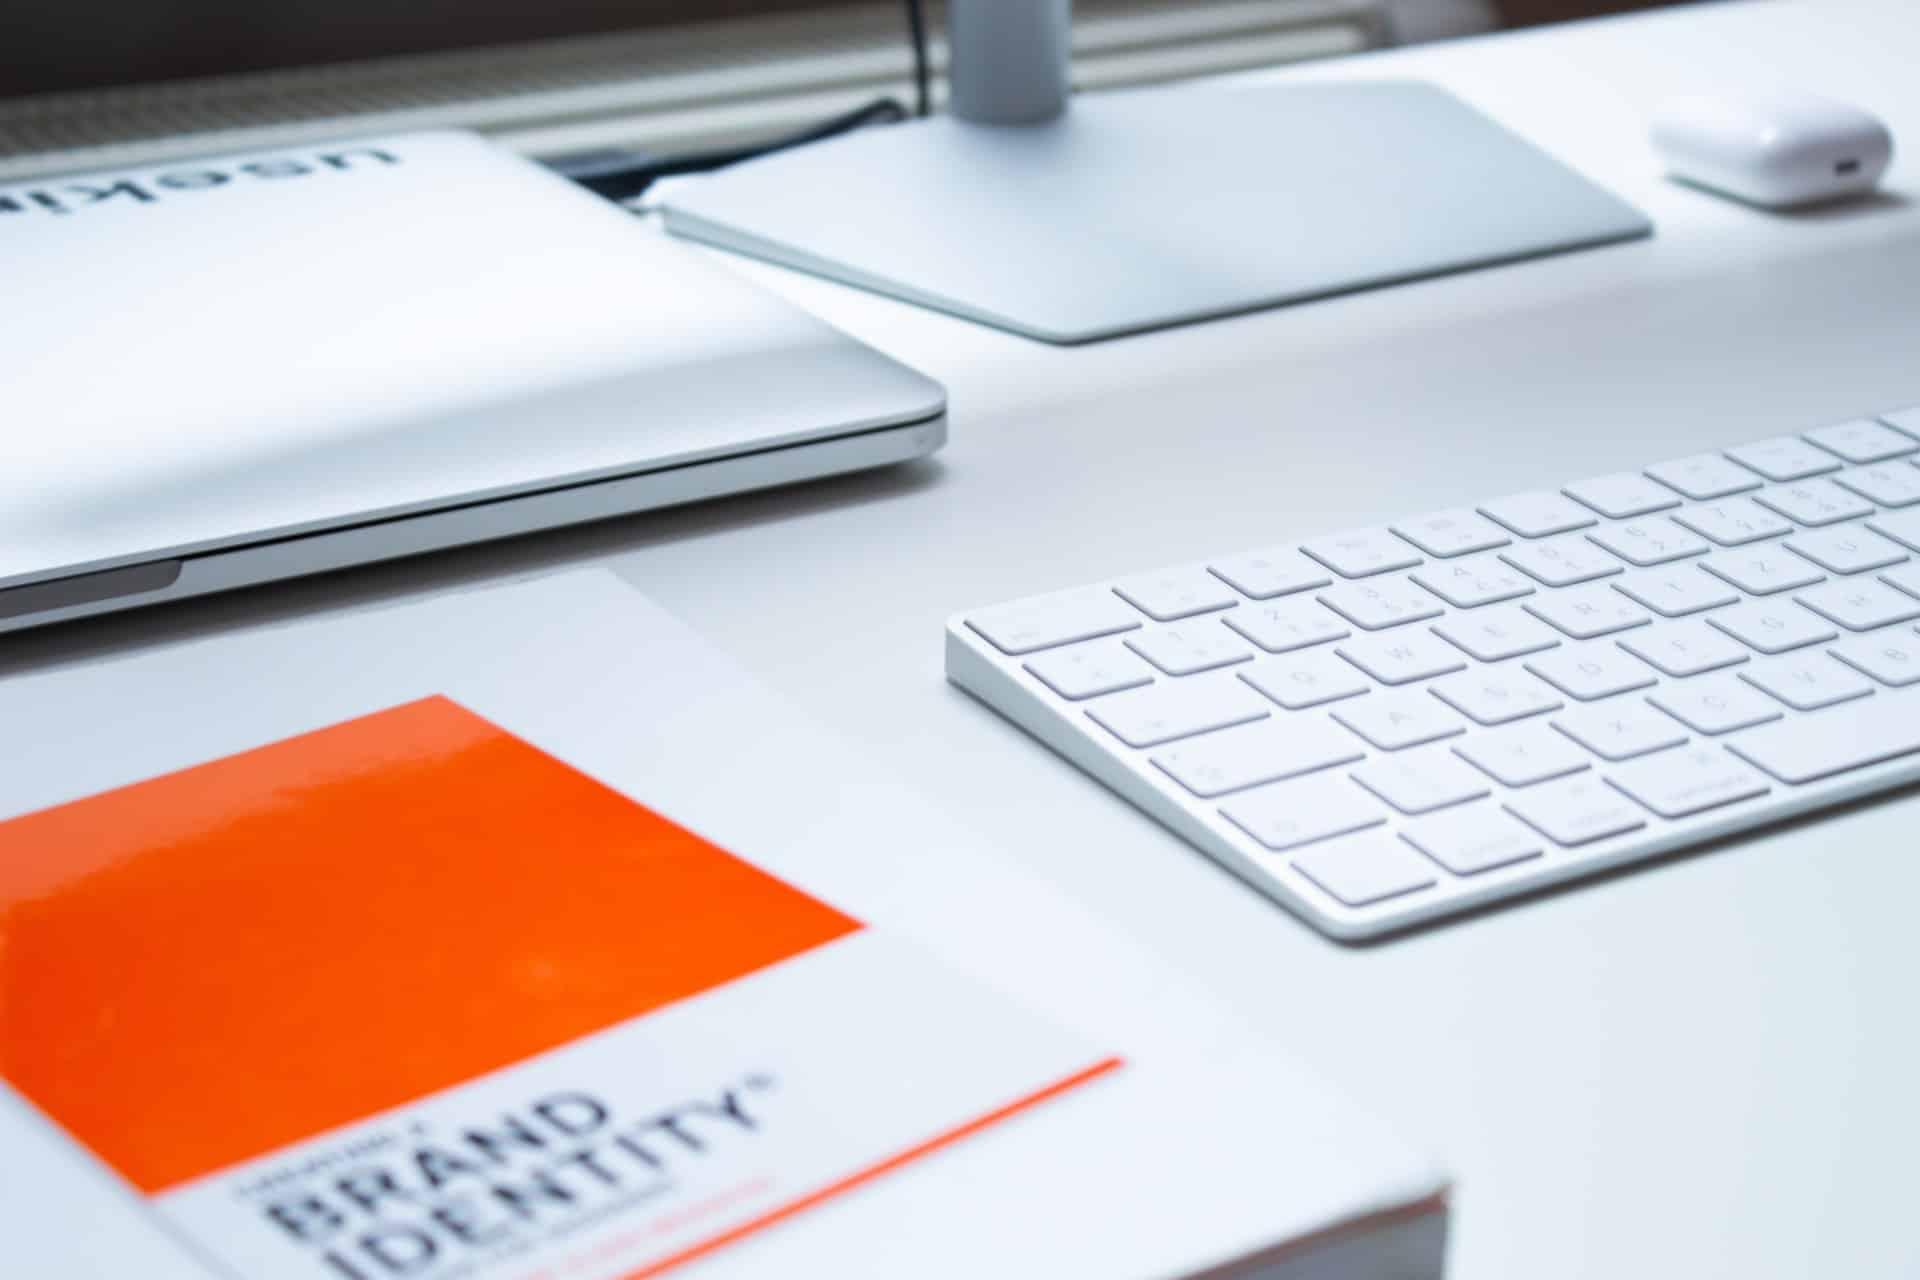 Branding Makes Breaks Business Header Image